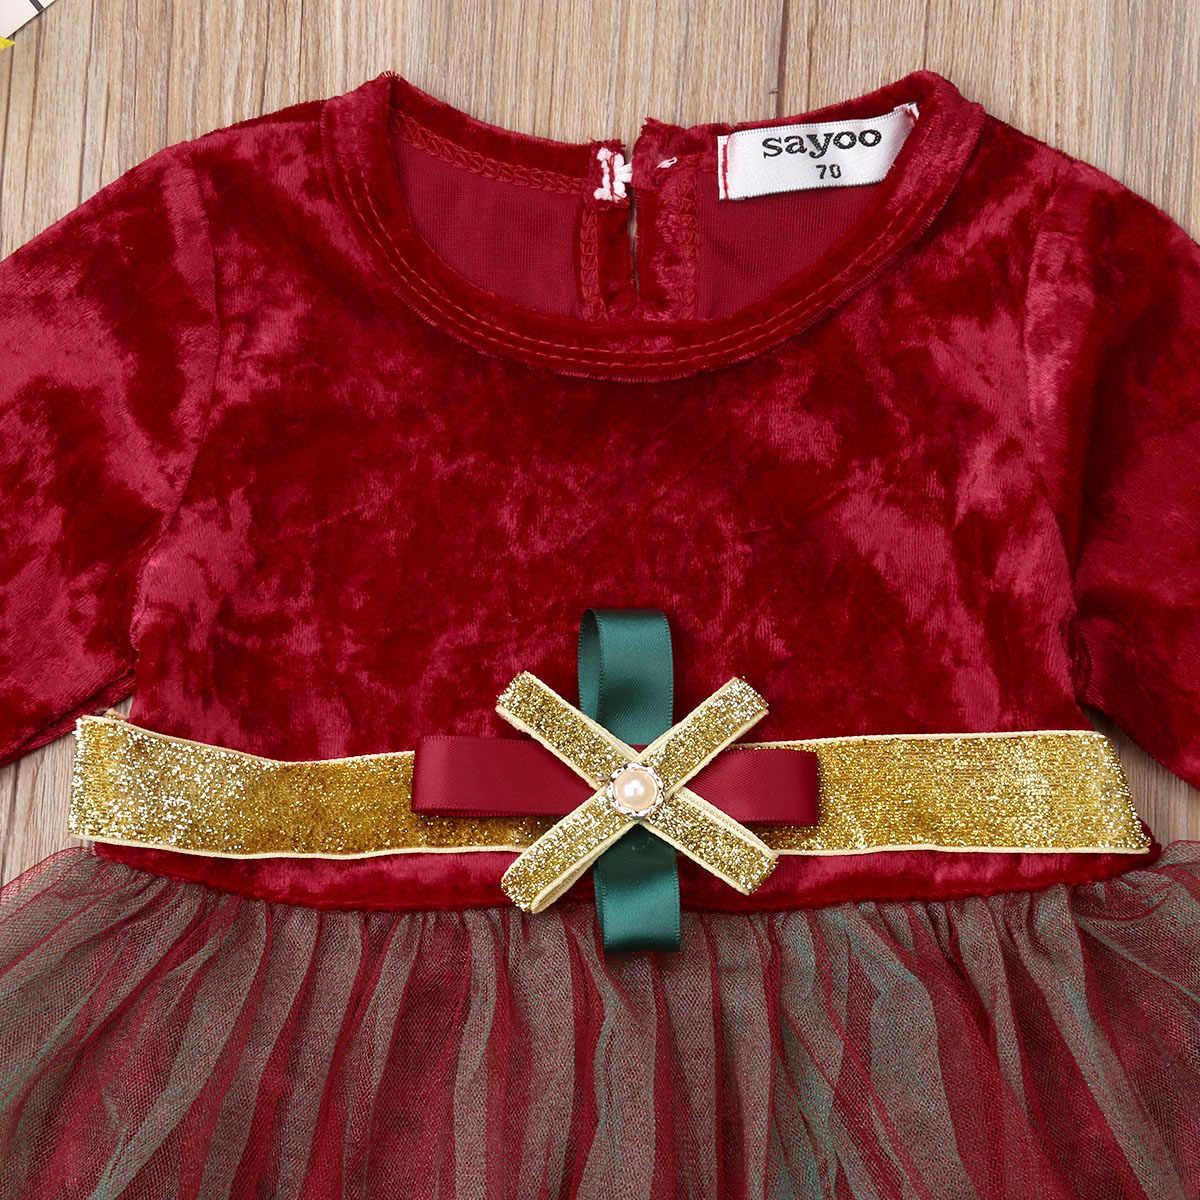 Рождественское Тюлевое платье для новорожденных девочек комбинезоны с длинными рукавами, комбинезон, наряды детская зимняя одежда красного цвета